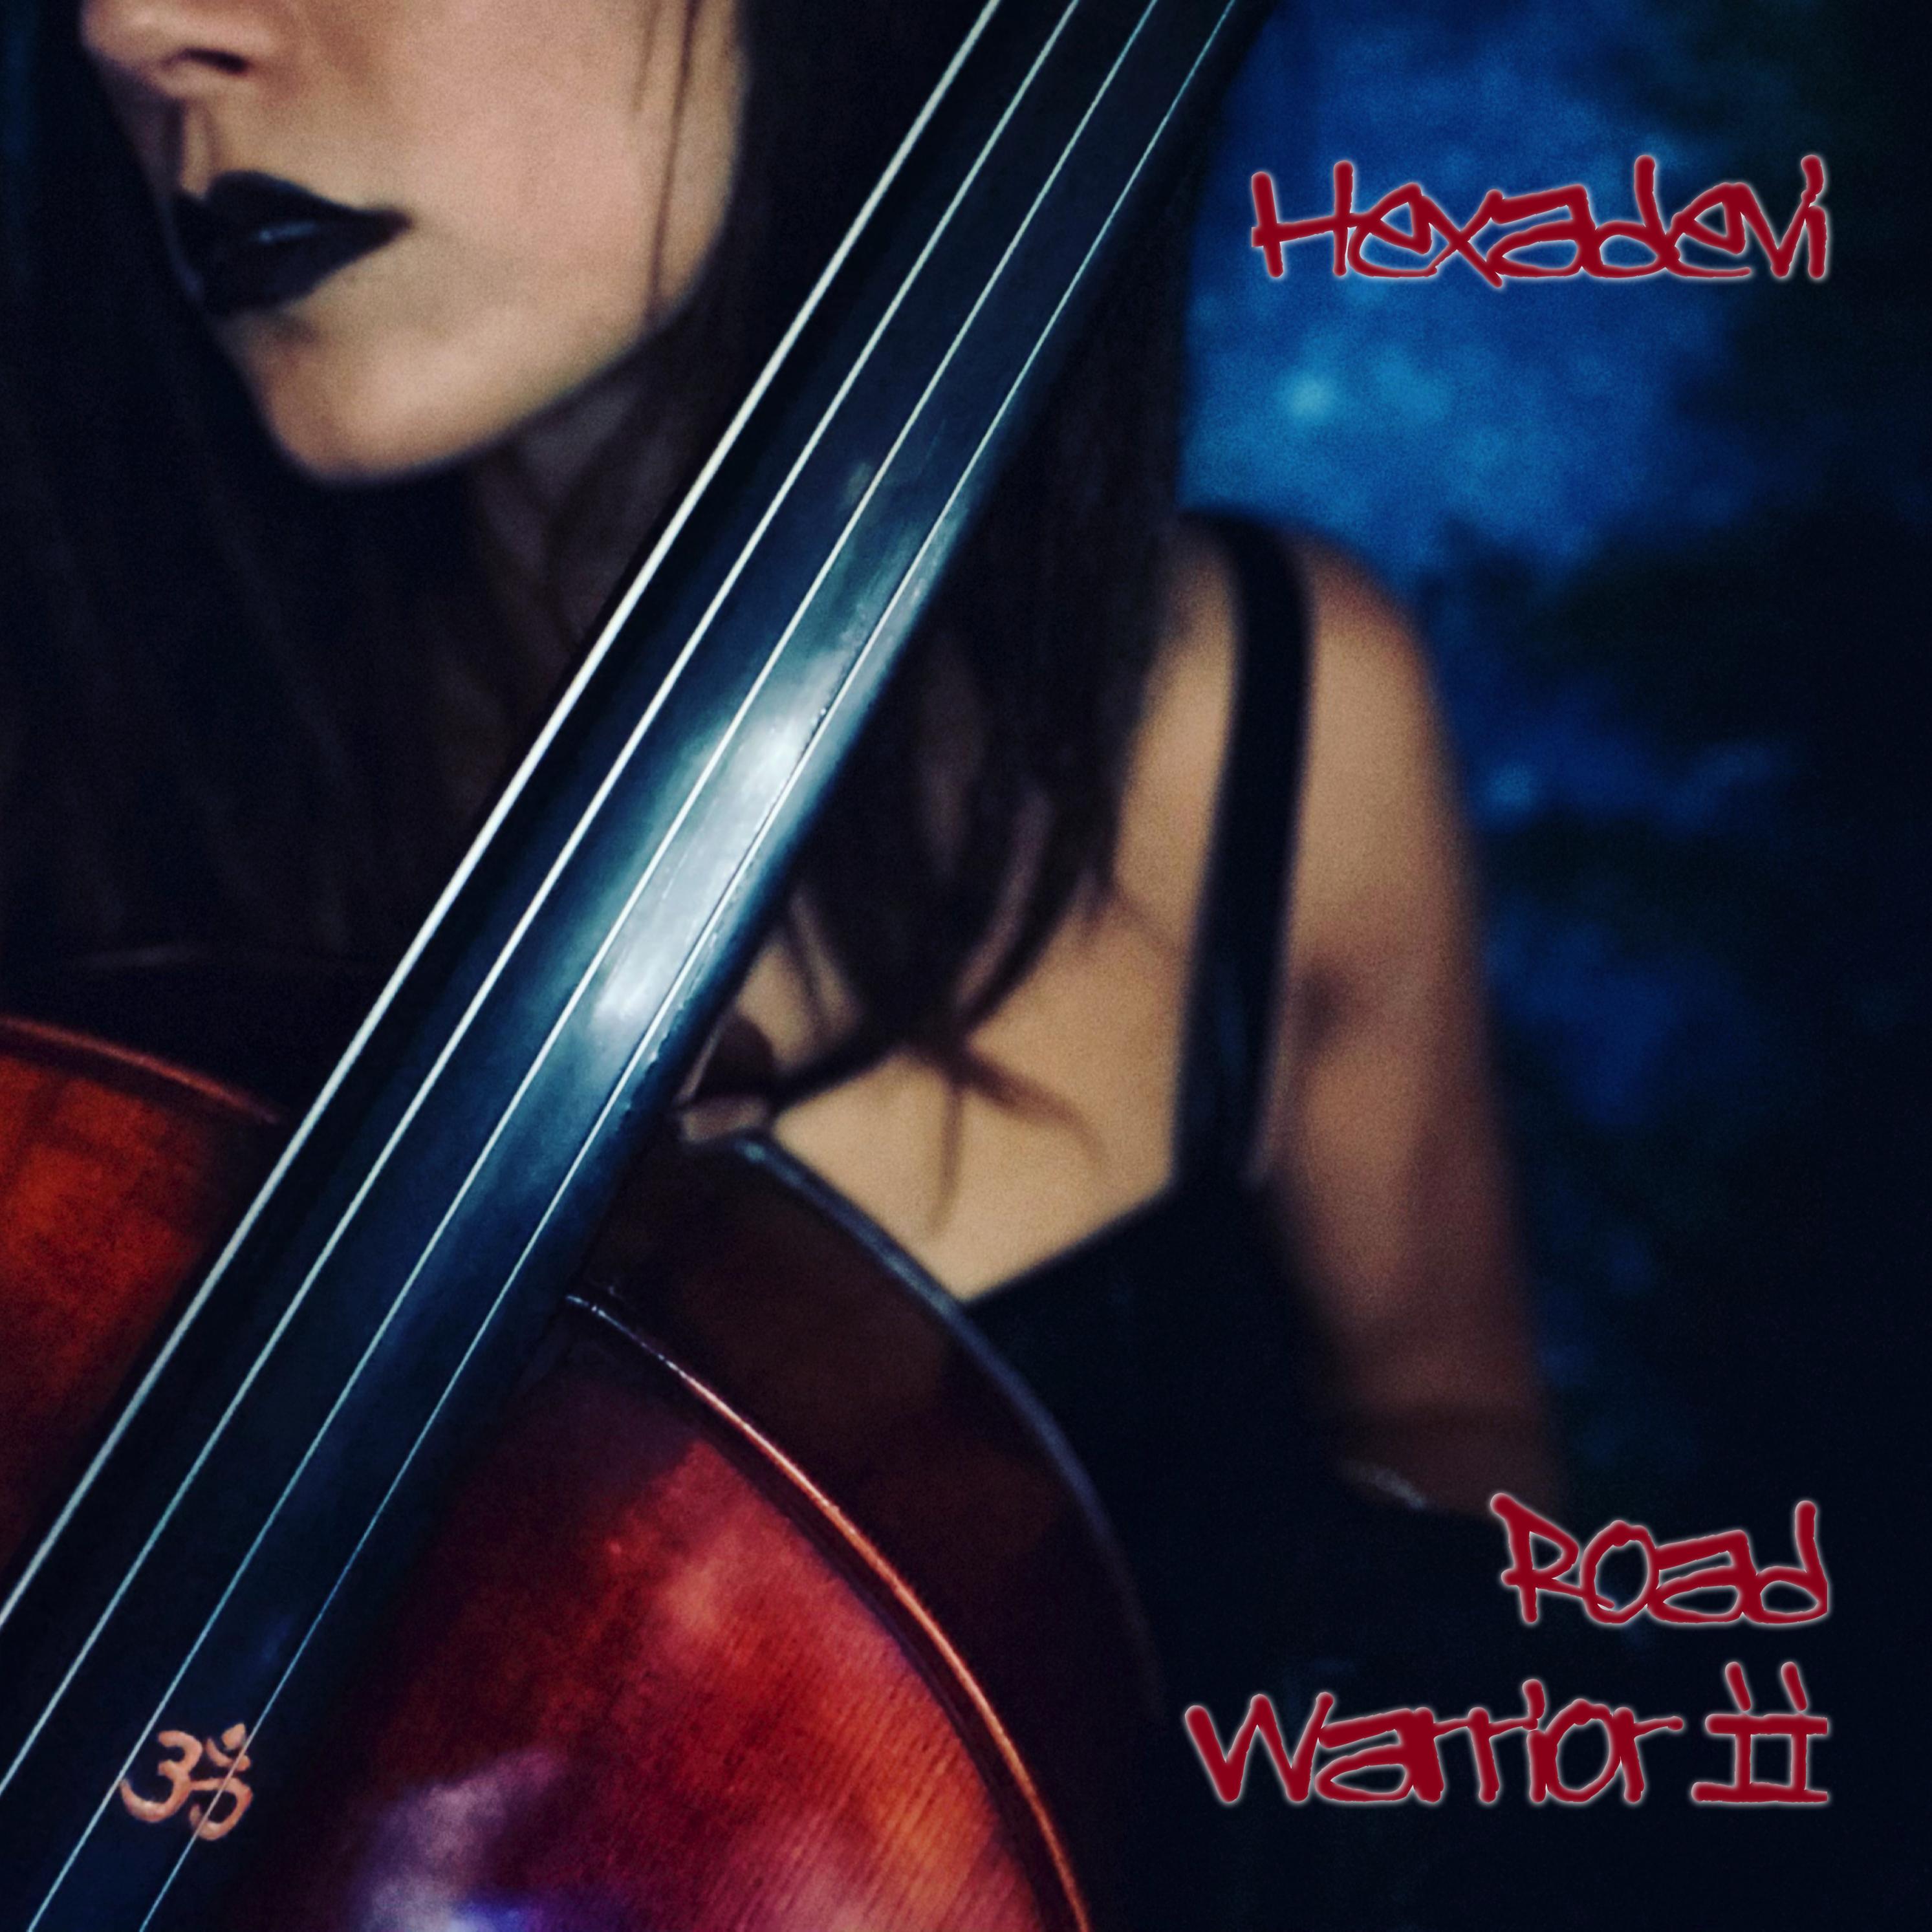 Hexadevi - Road Warrior II